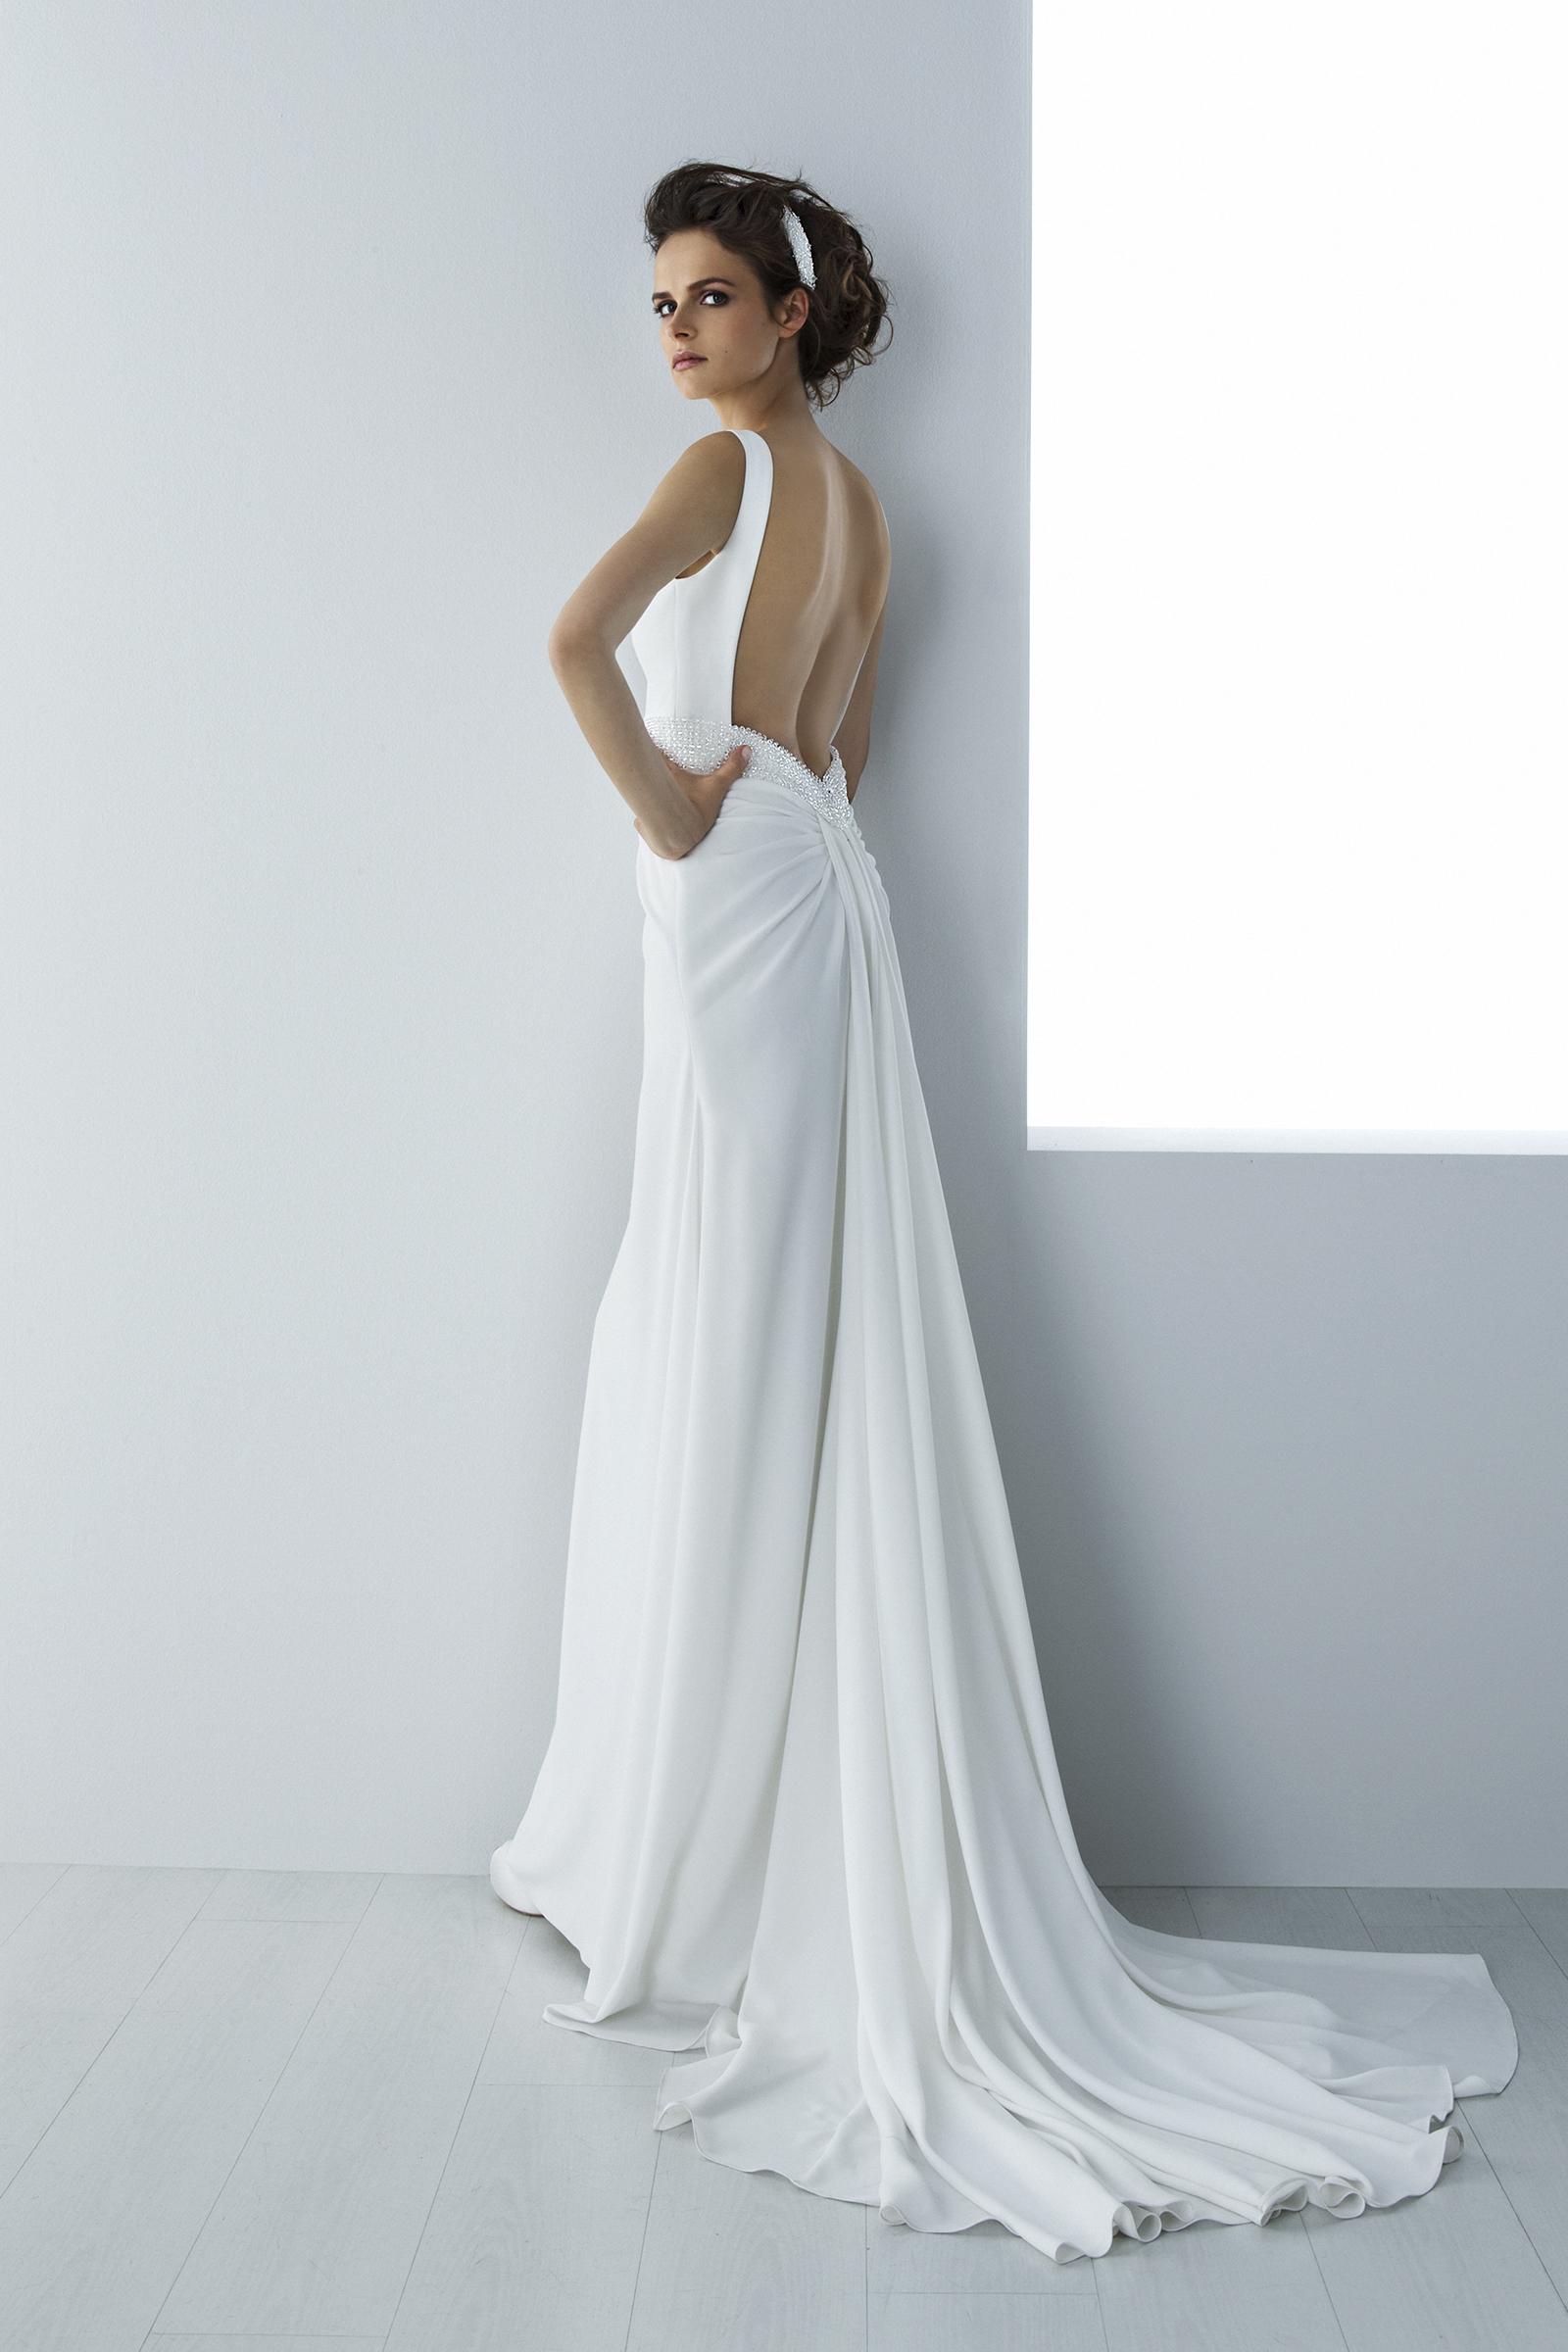 Vestito sposa collezione Ego 2016 Valentini modello VL204